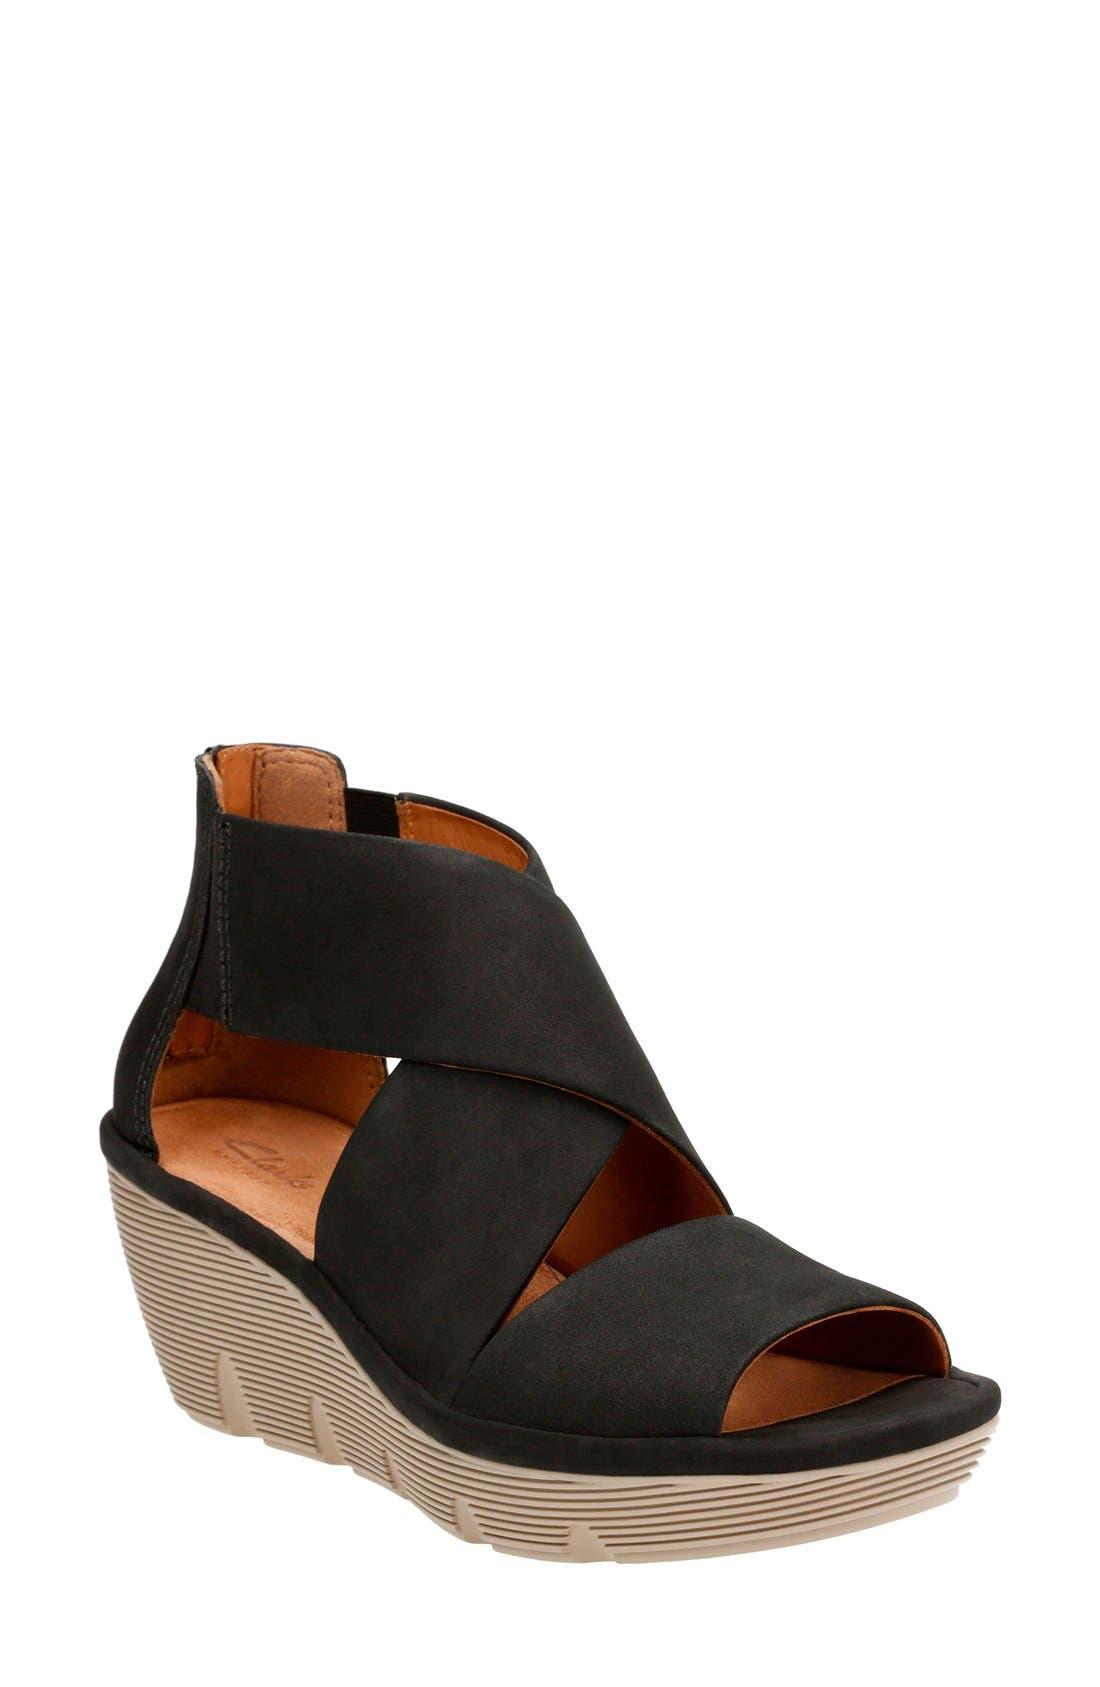 Alternate Image 1 Selected - Clarks® Clarene Glamor Wedge Sandal (Women)